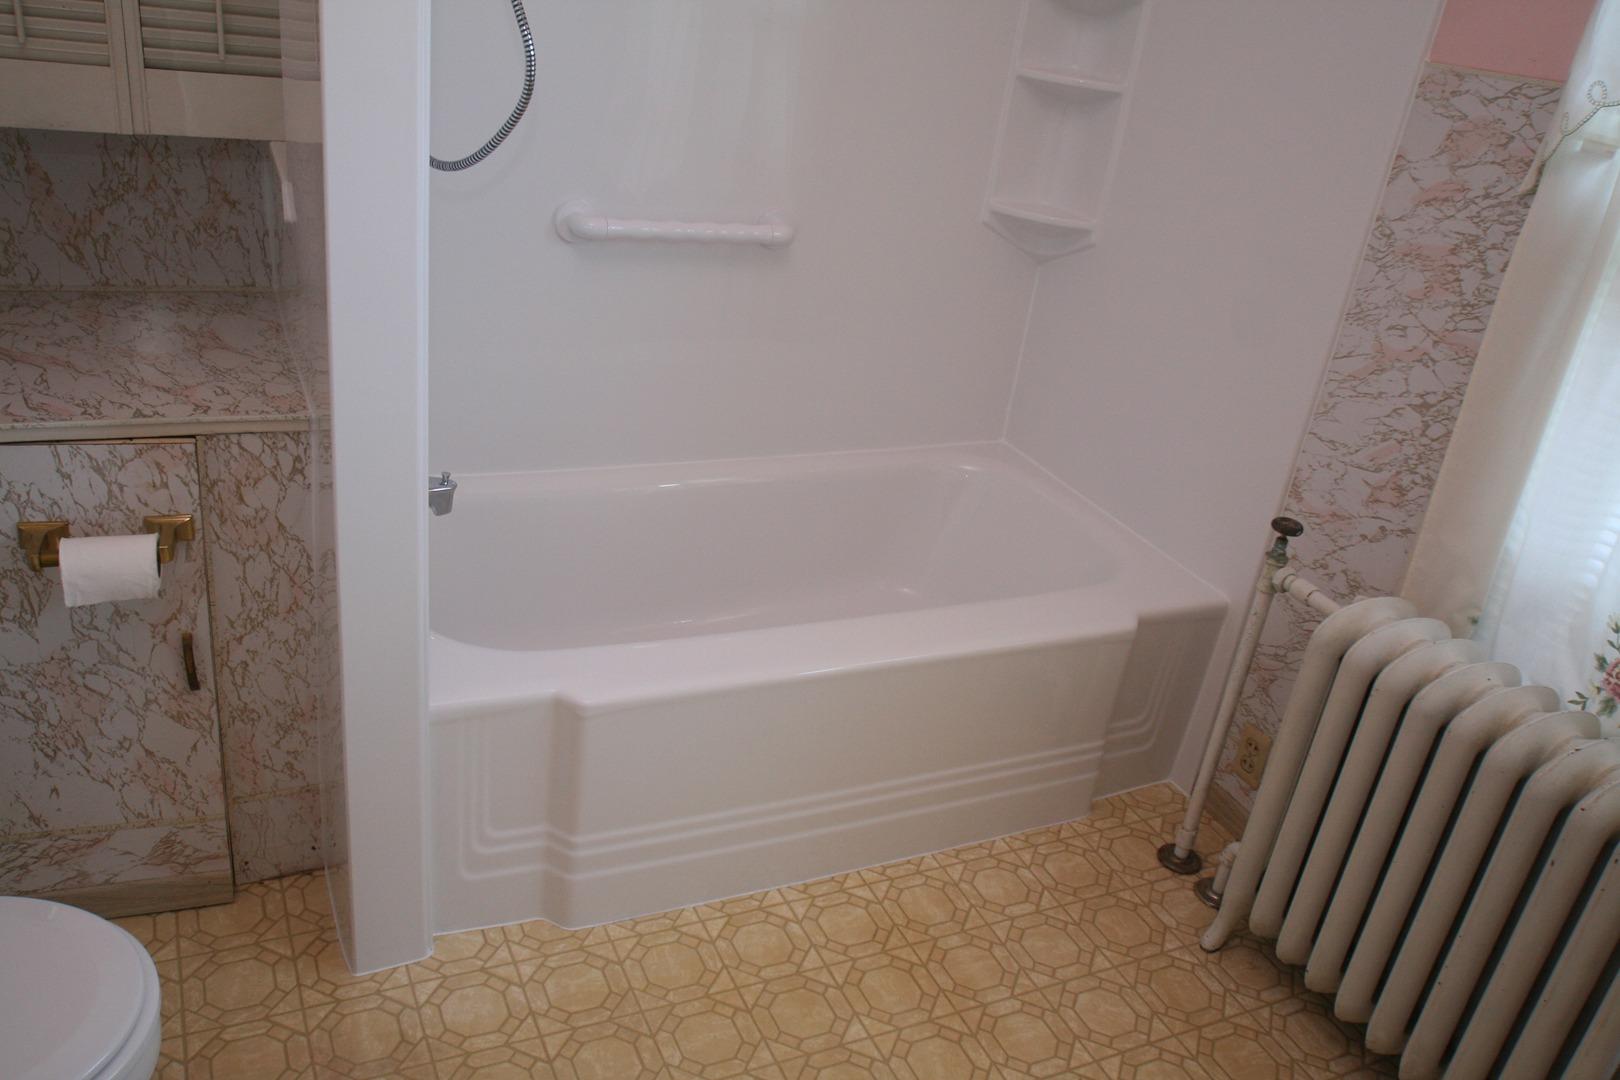 Bath Insert For Shower Cool Bathtub Insert Ideas Bathtub For Bathroom Ideas